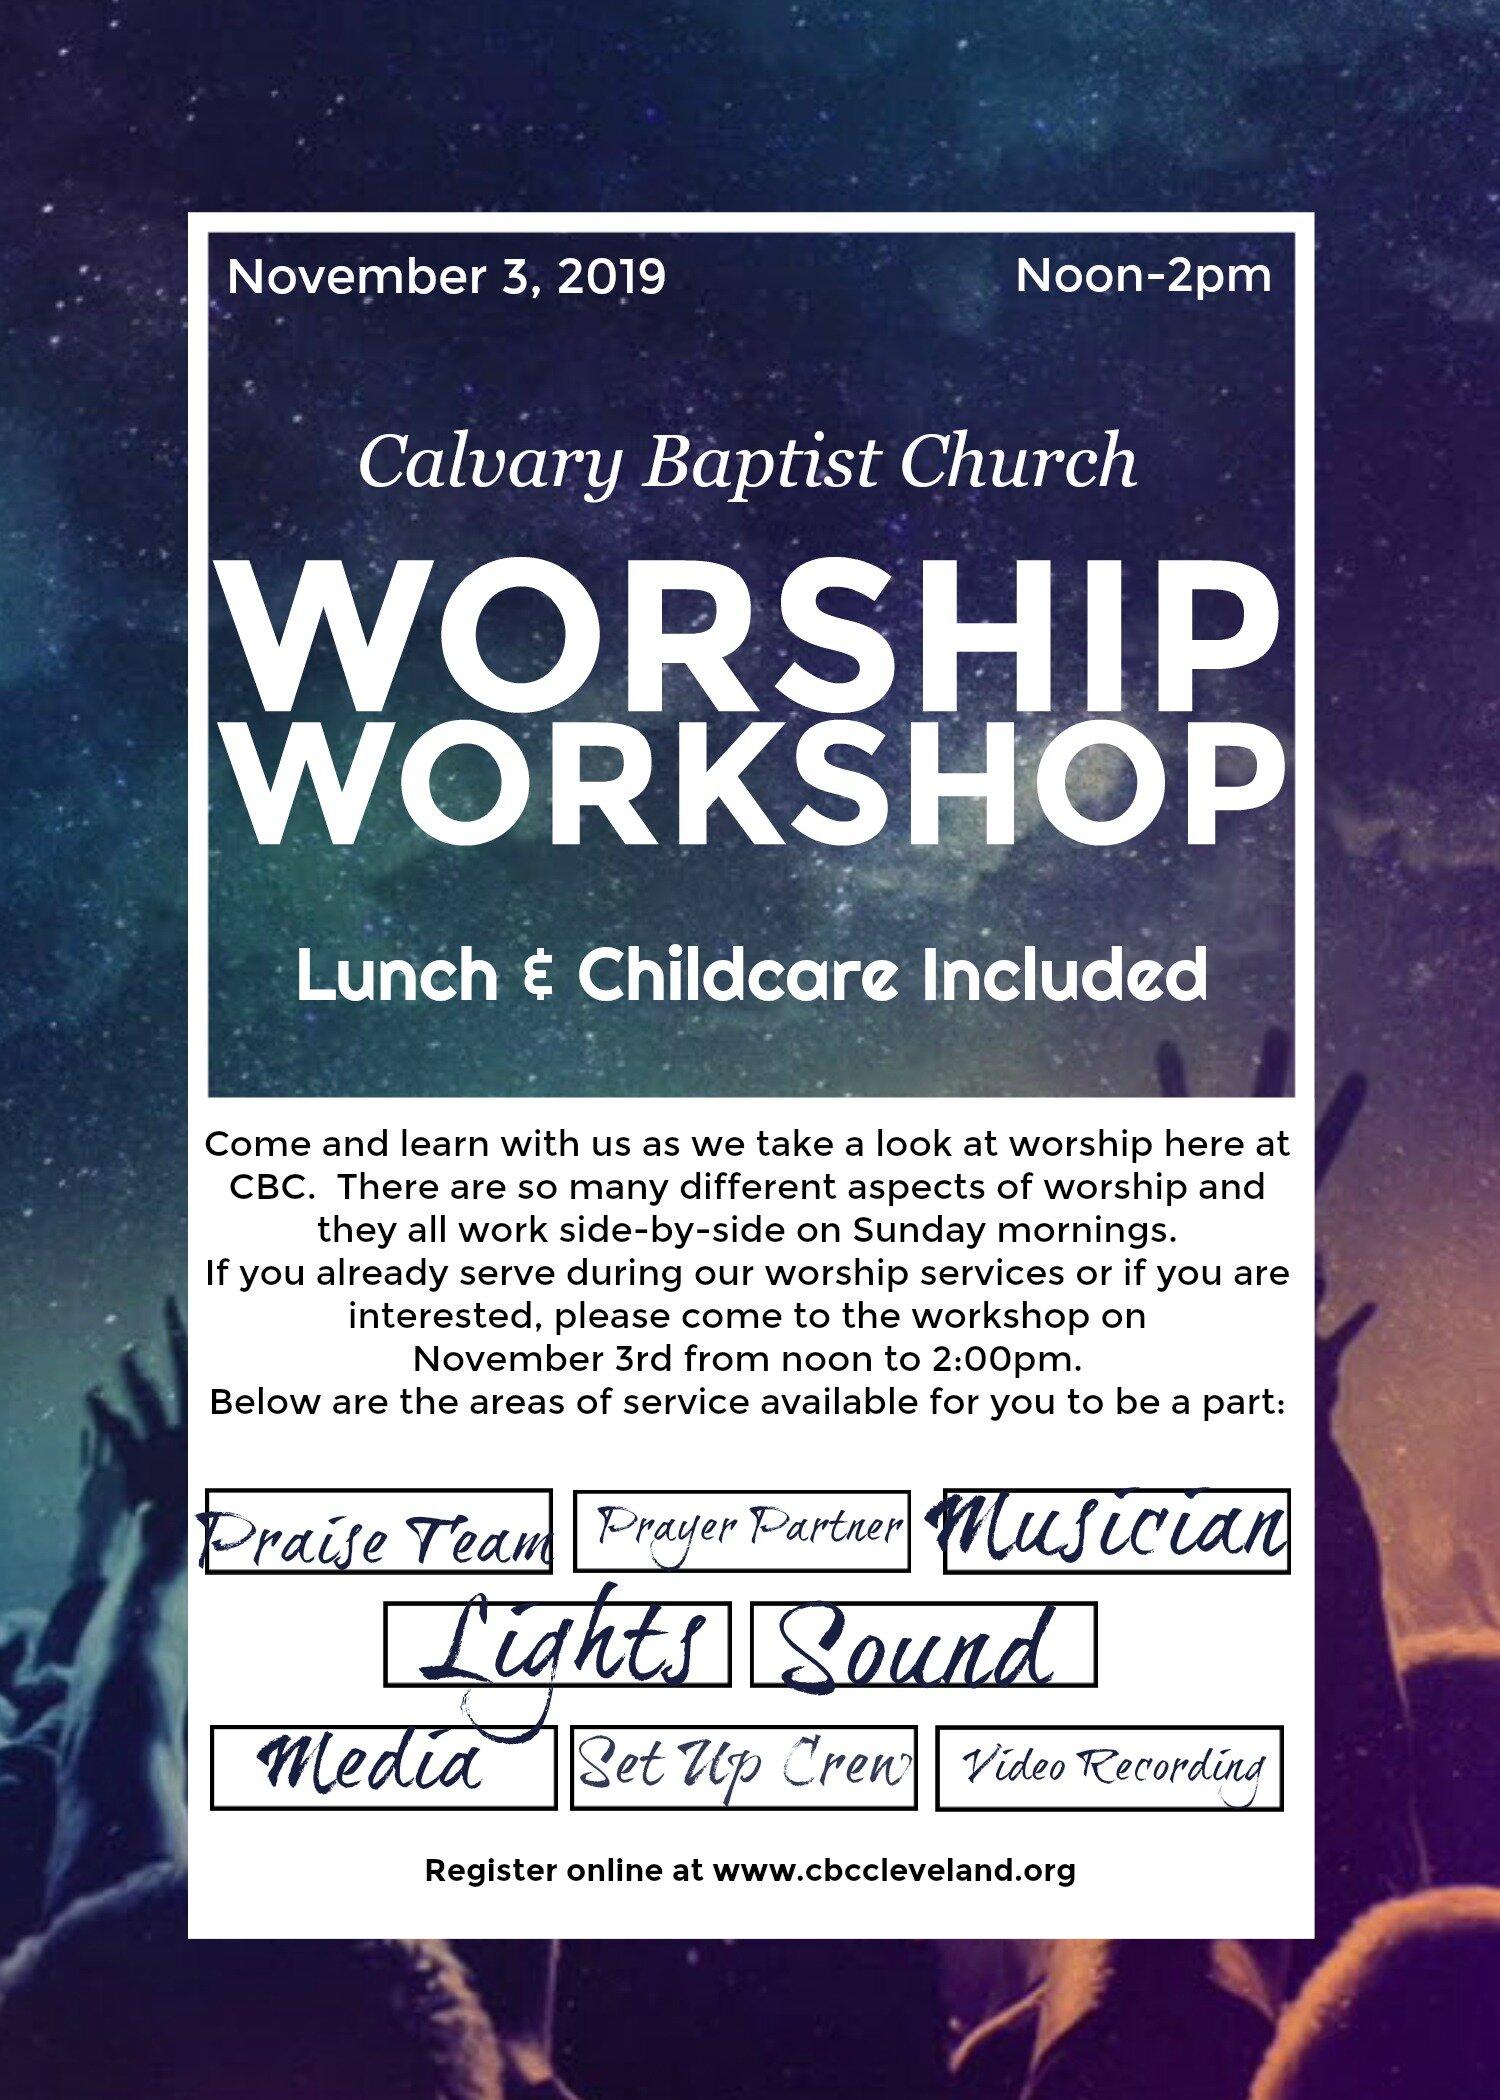 Workshop workshop flyer.jpg